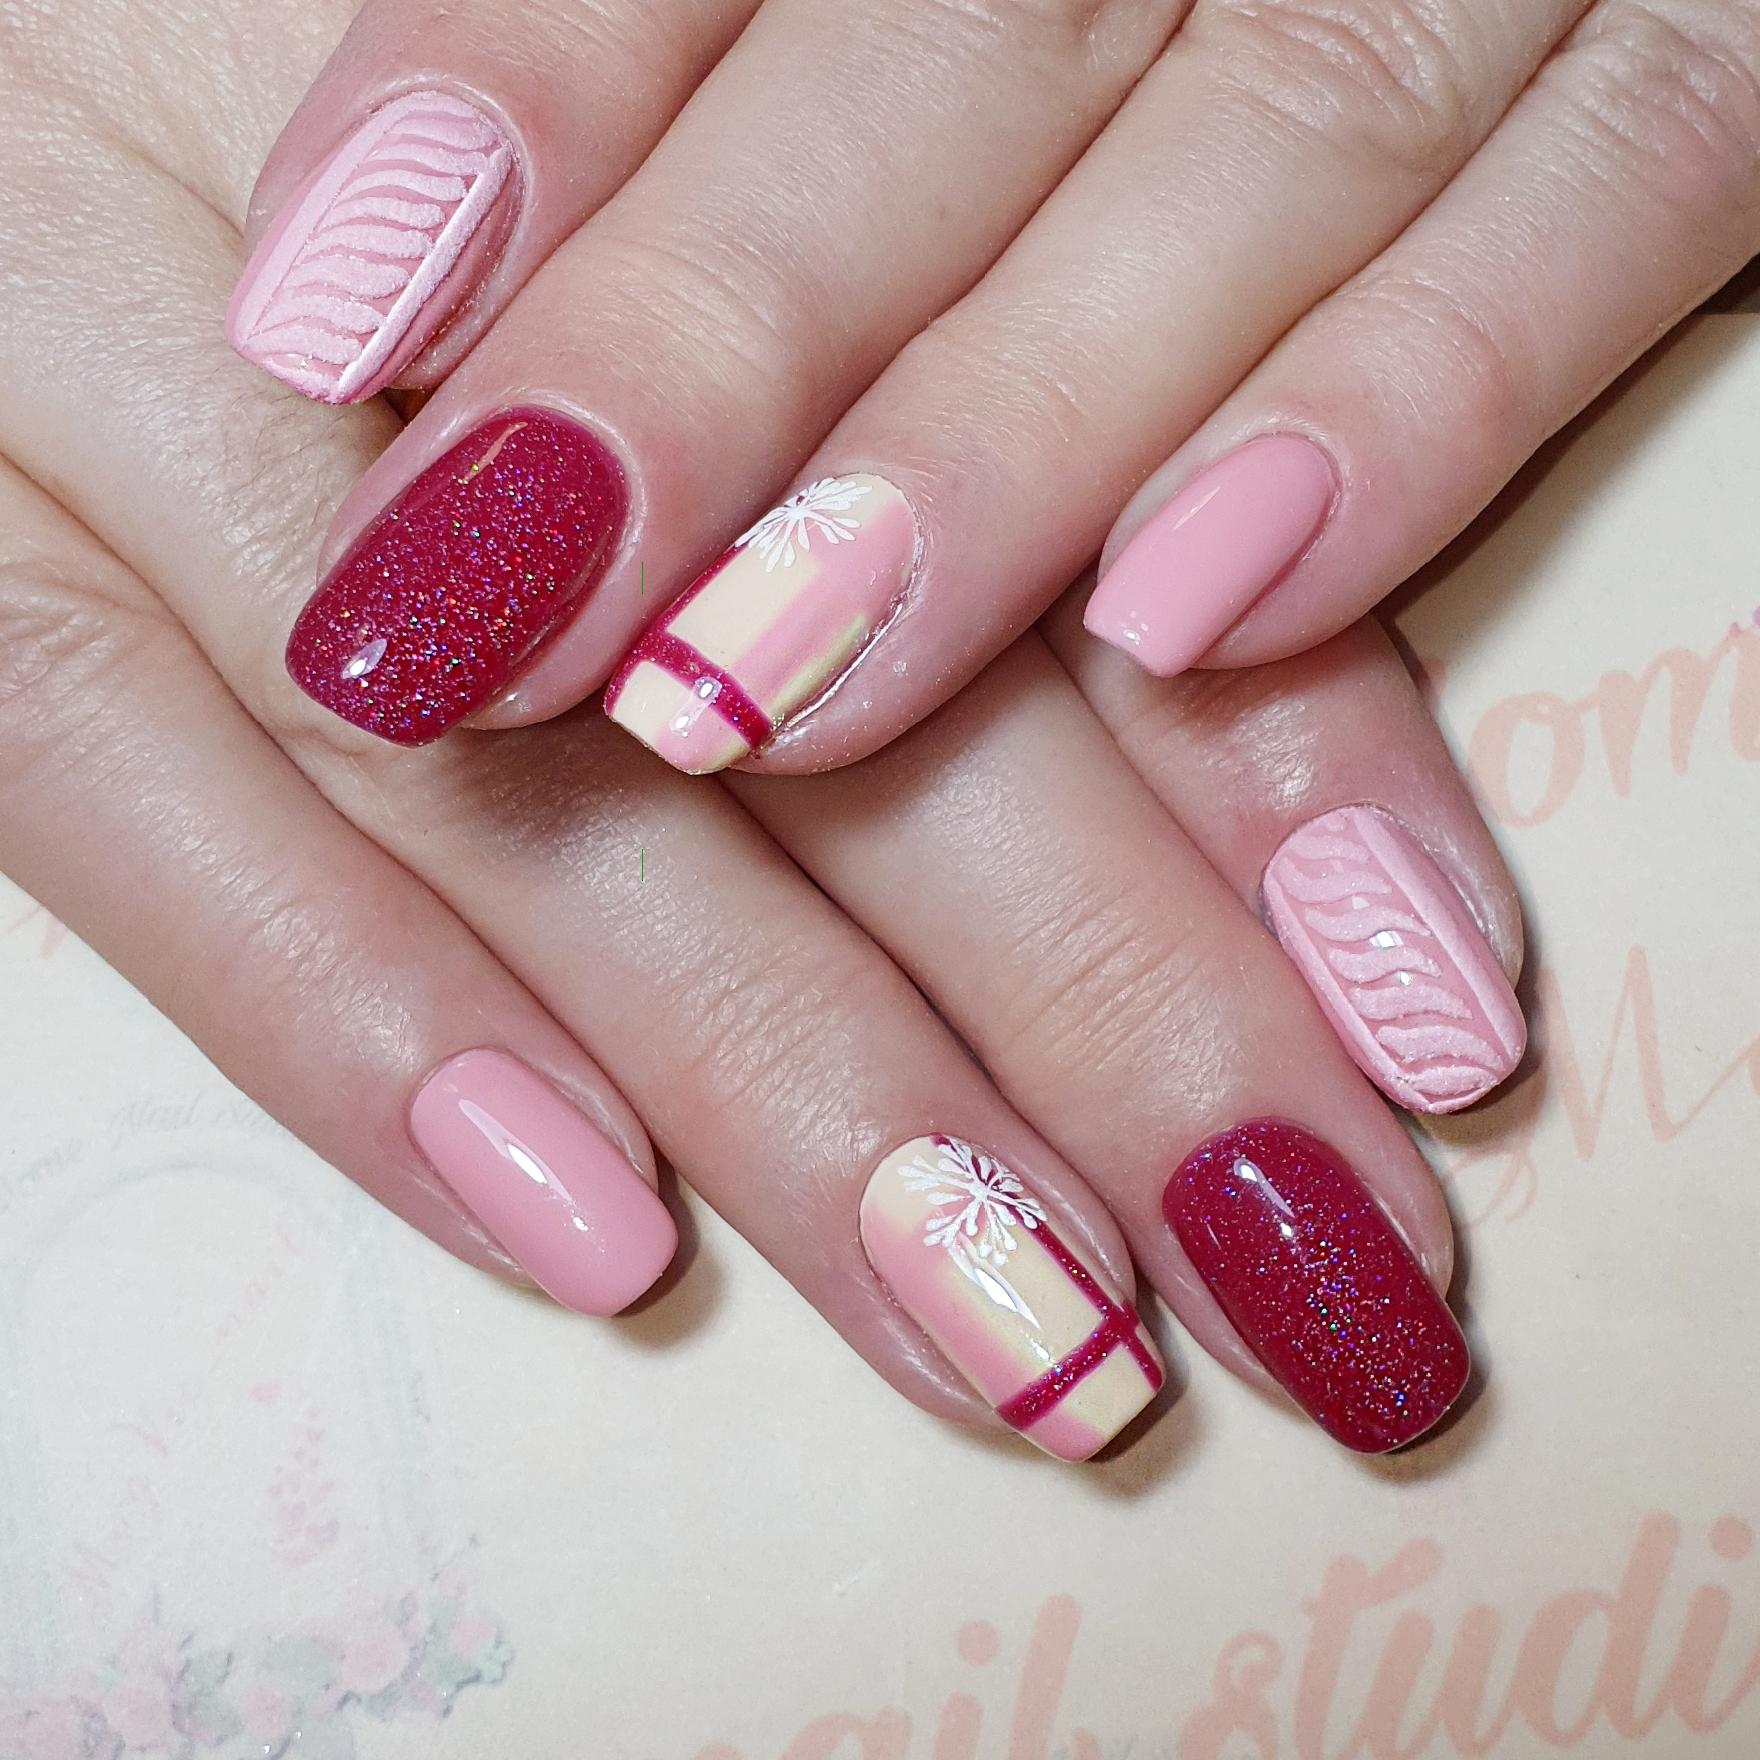 Вязаный маникюр с геометрическим рисунком и блестками в розовом цвете.